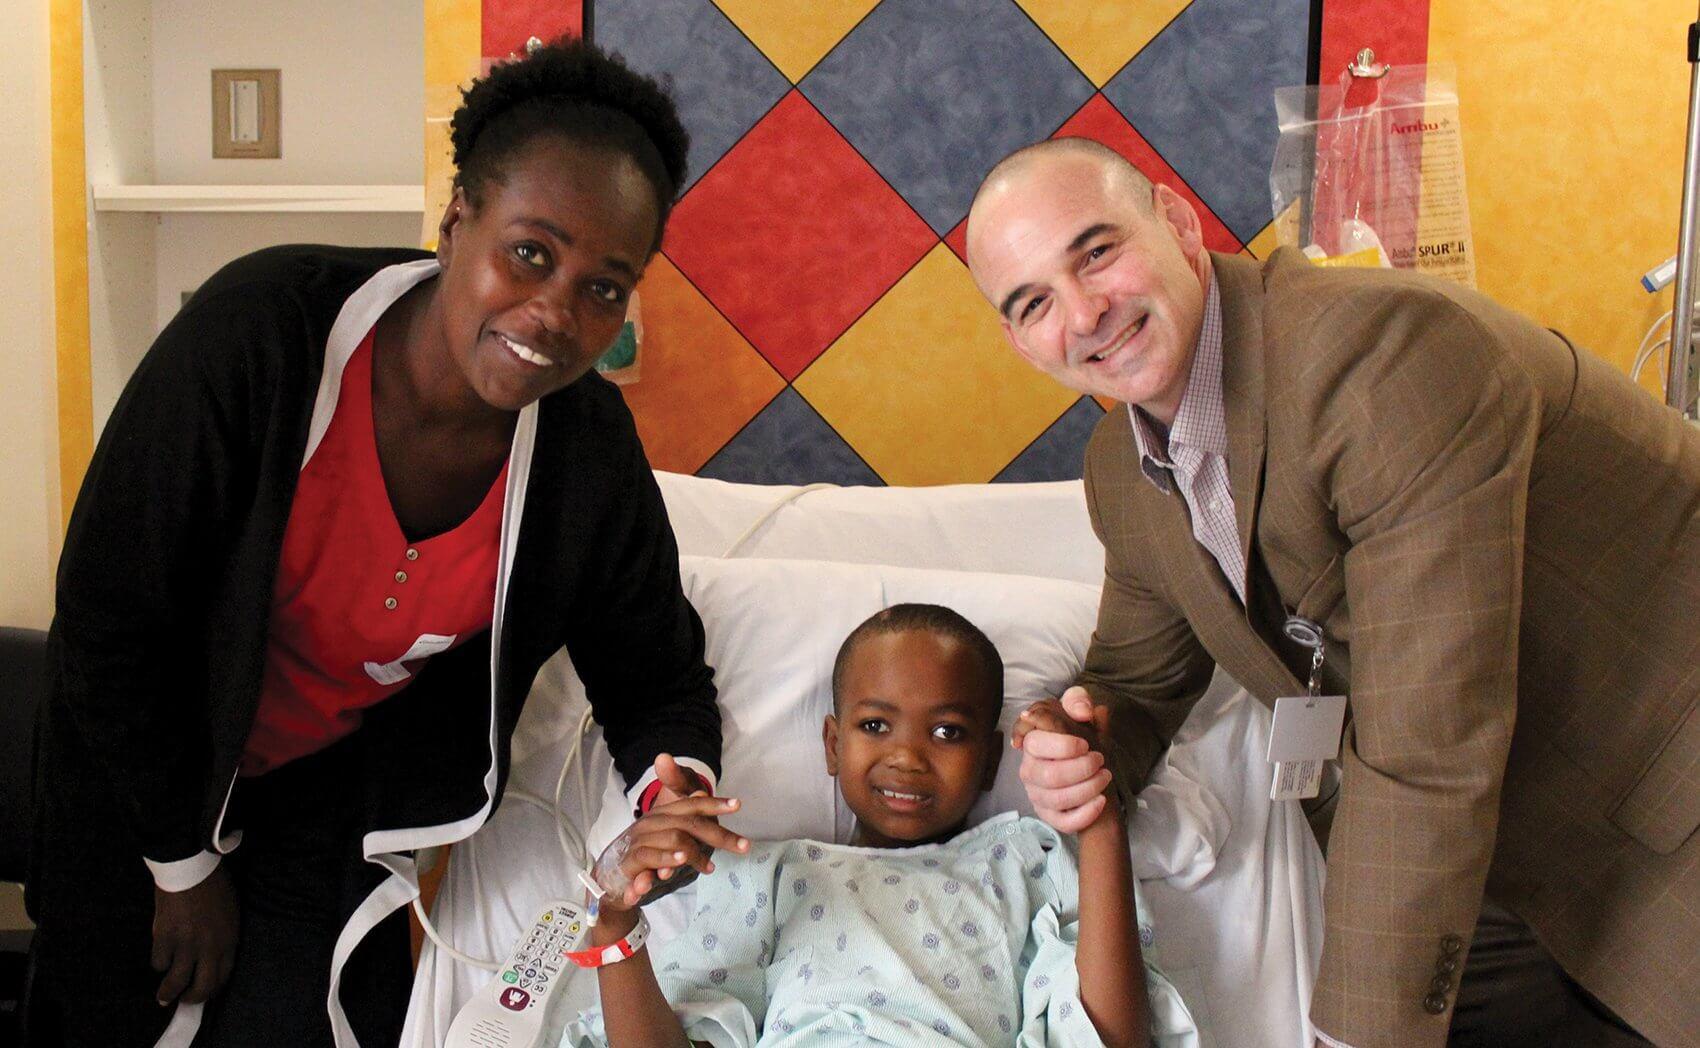 David Sandberg, M.D., with patient Caleb and his mother Bernita. (Credit: Memorial Hermann)